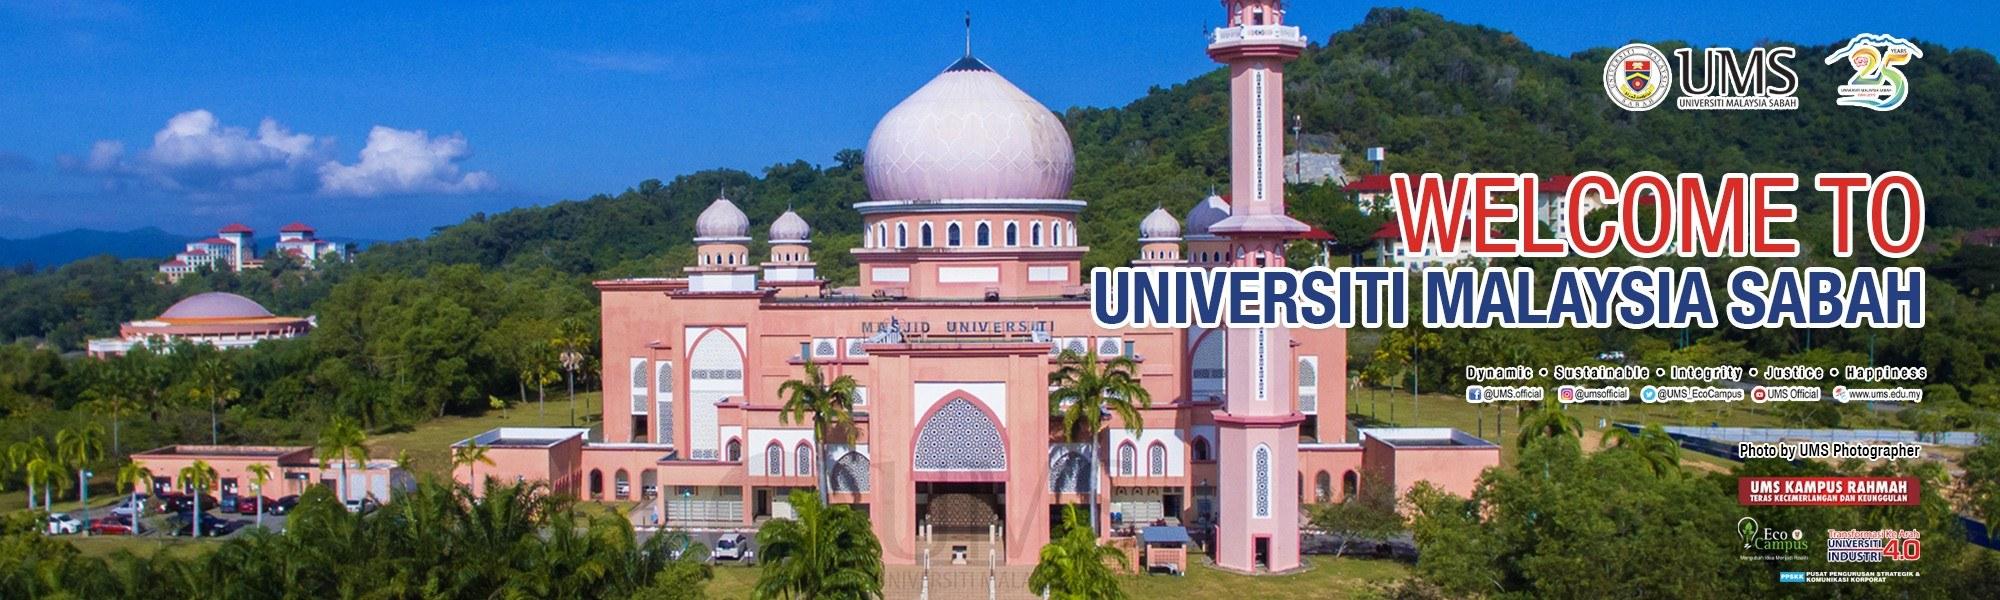 University of Malaysia Sabah UMS